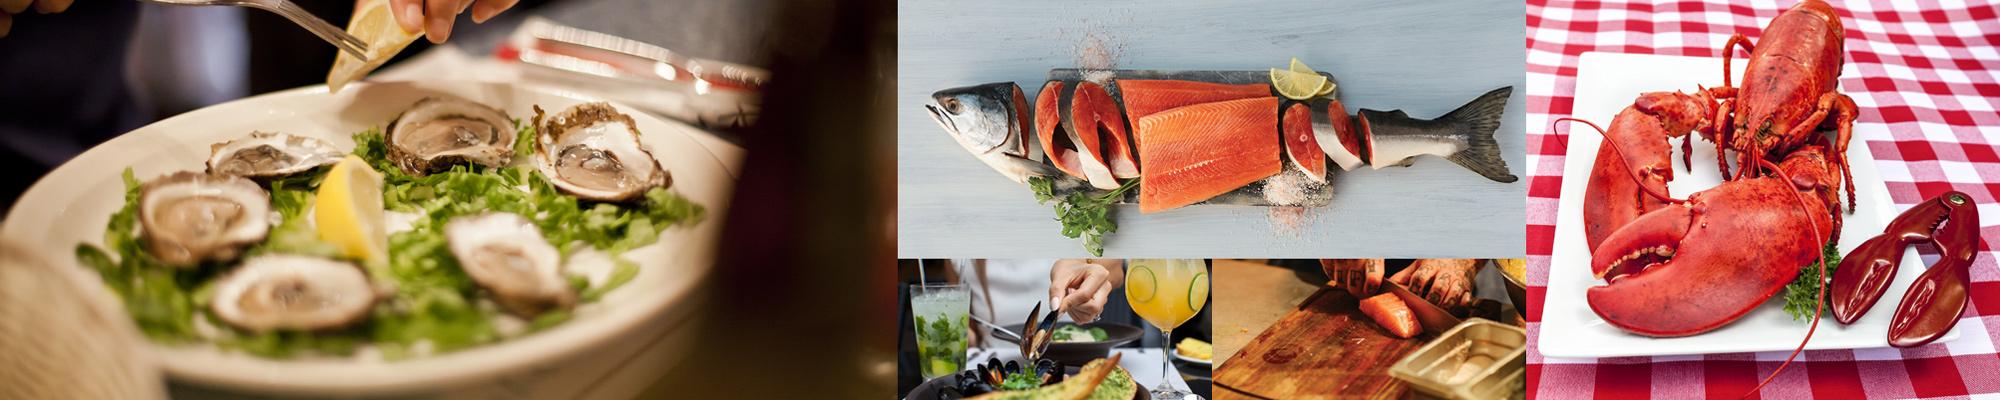 piatti tipici della cucina canadese: aragoste, salmone, ostriche